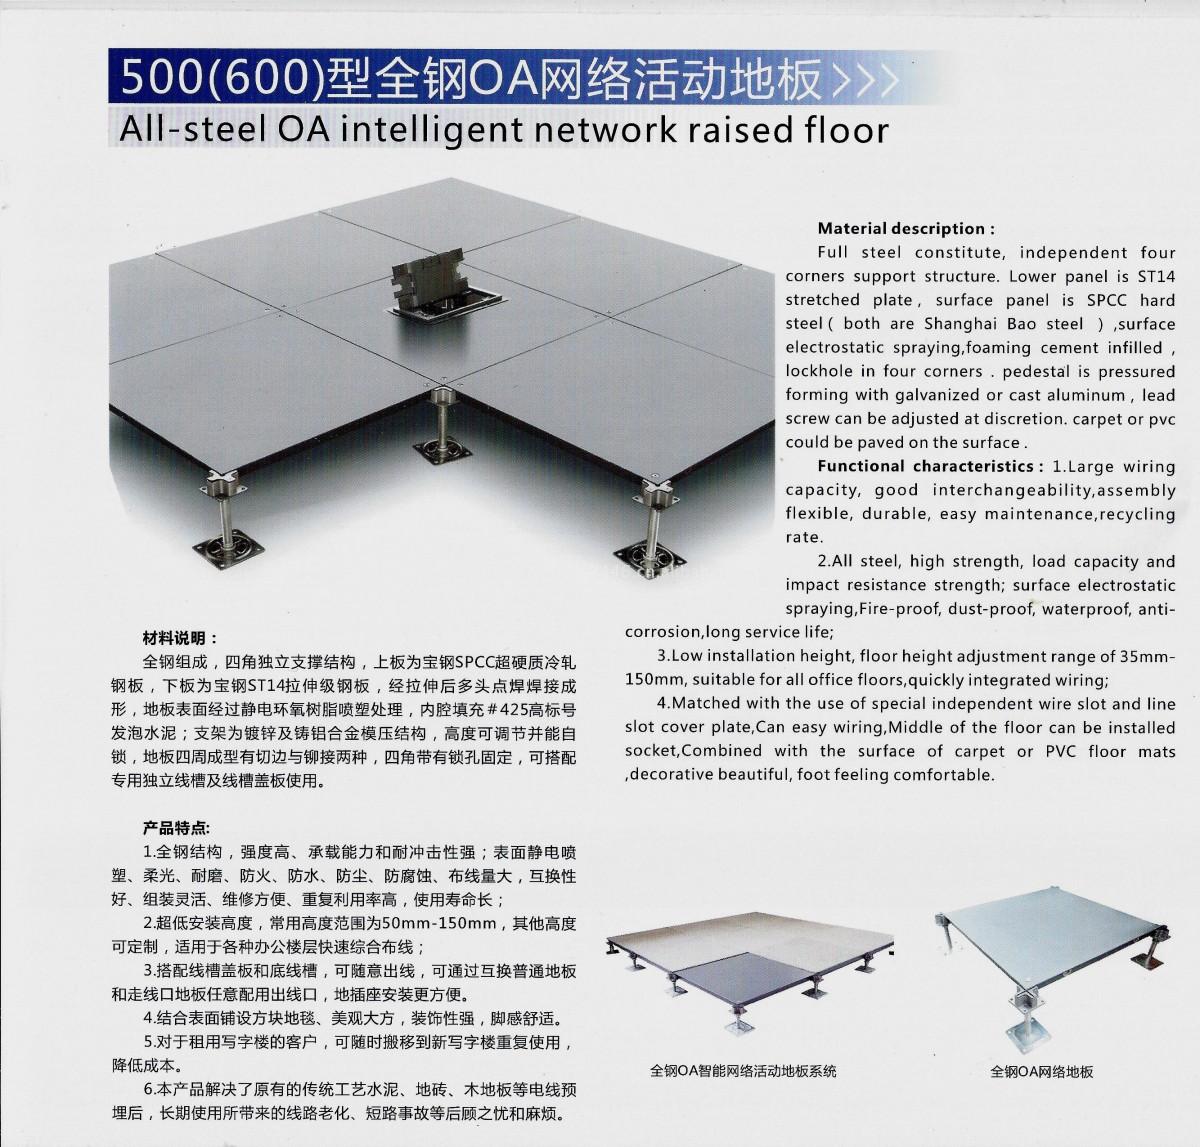 500(600)型全鋼OA網絡活動地板(1)